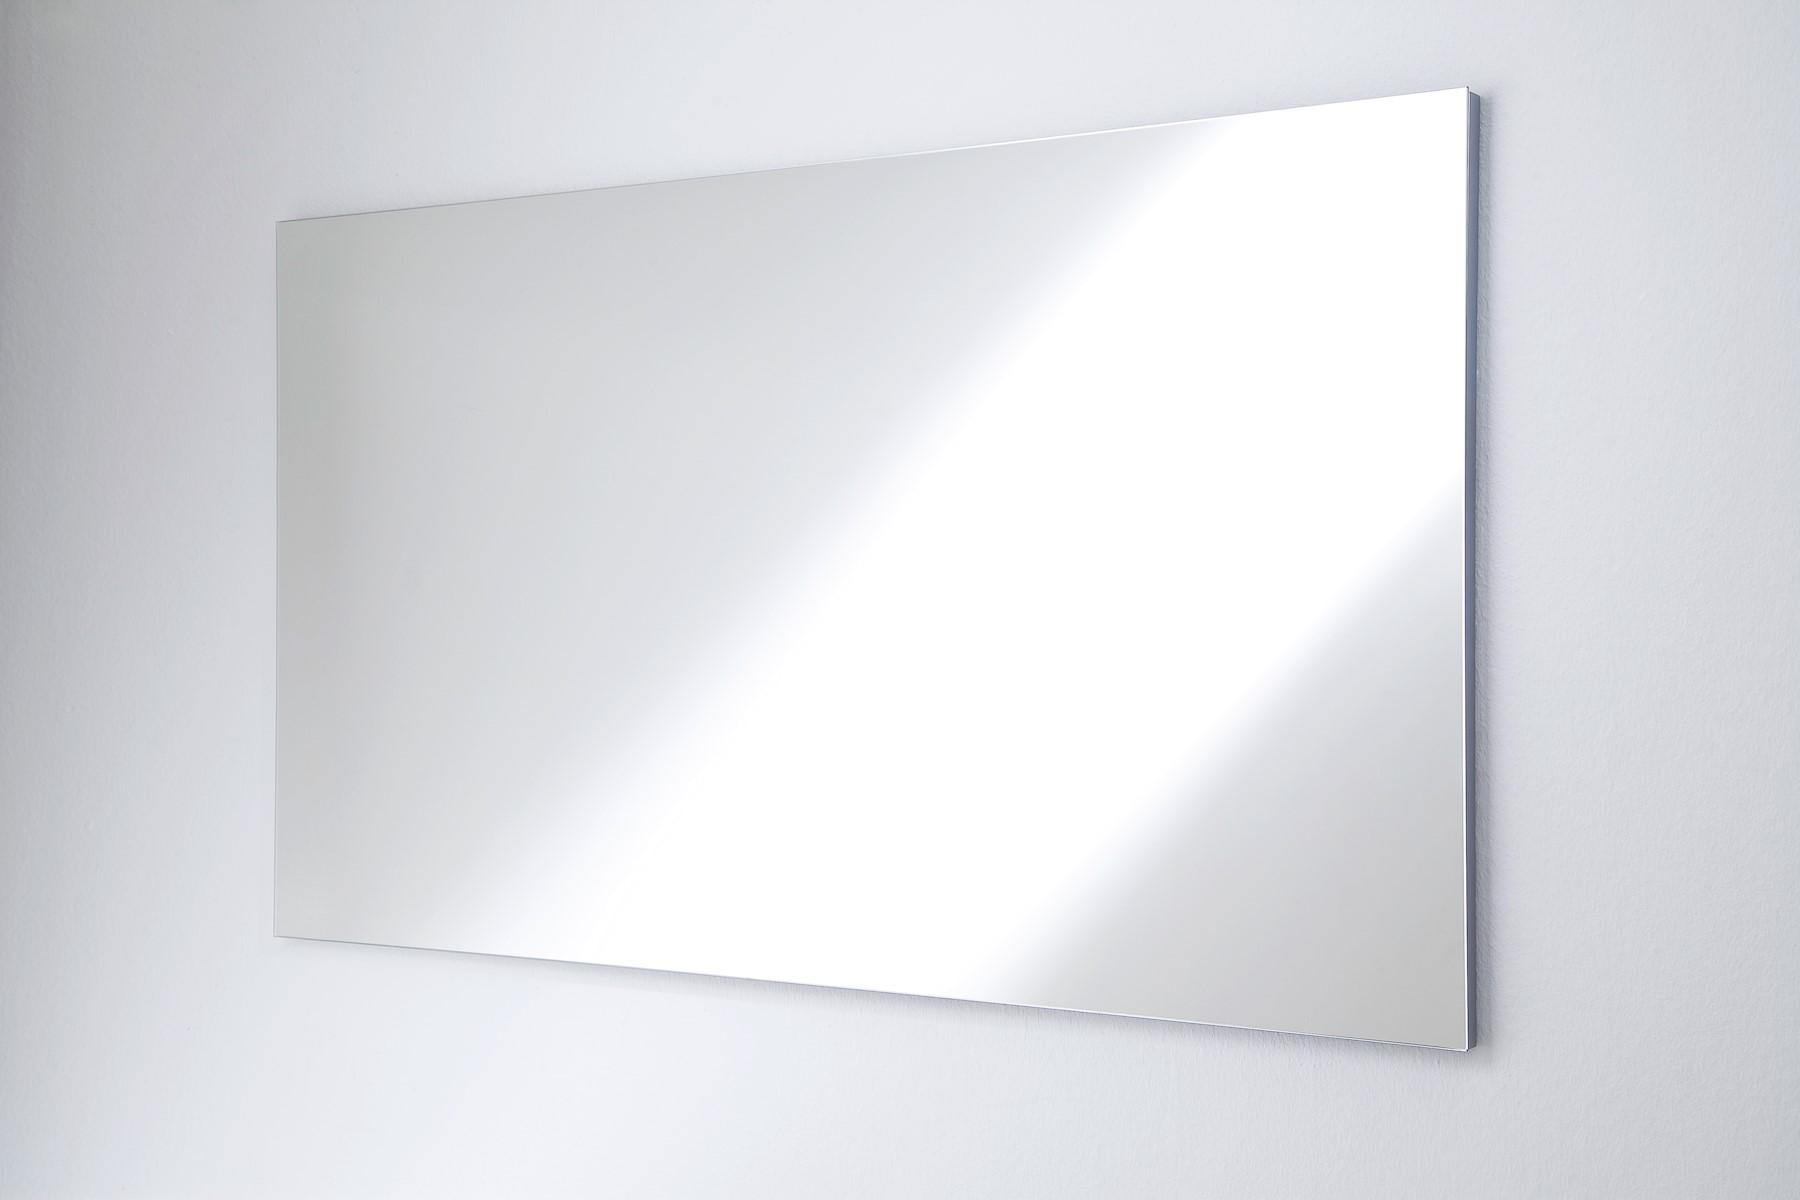 Wandspiegel Vini in horizontaler Ausrichtung 105x60x2